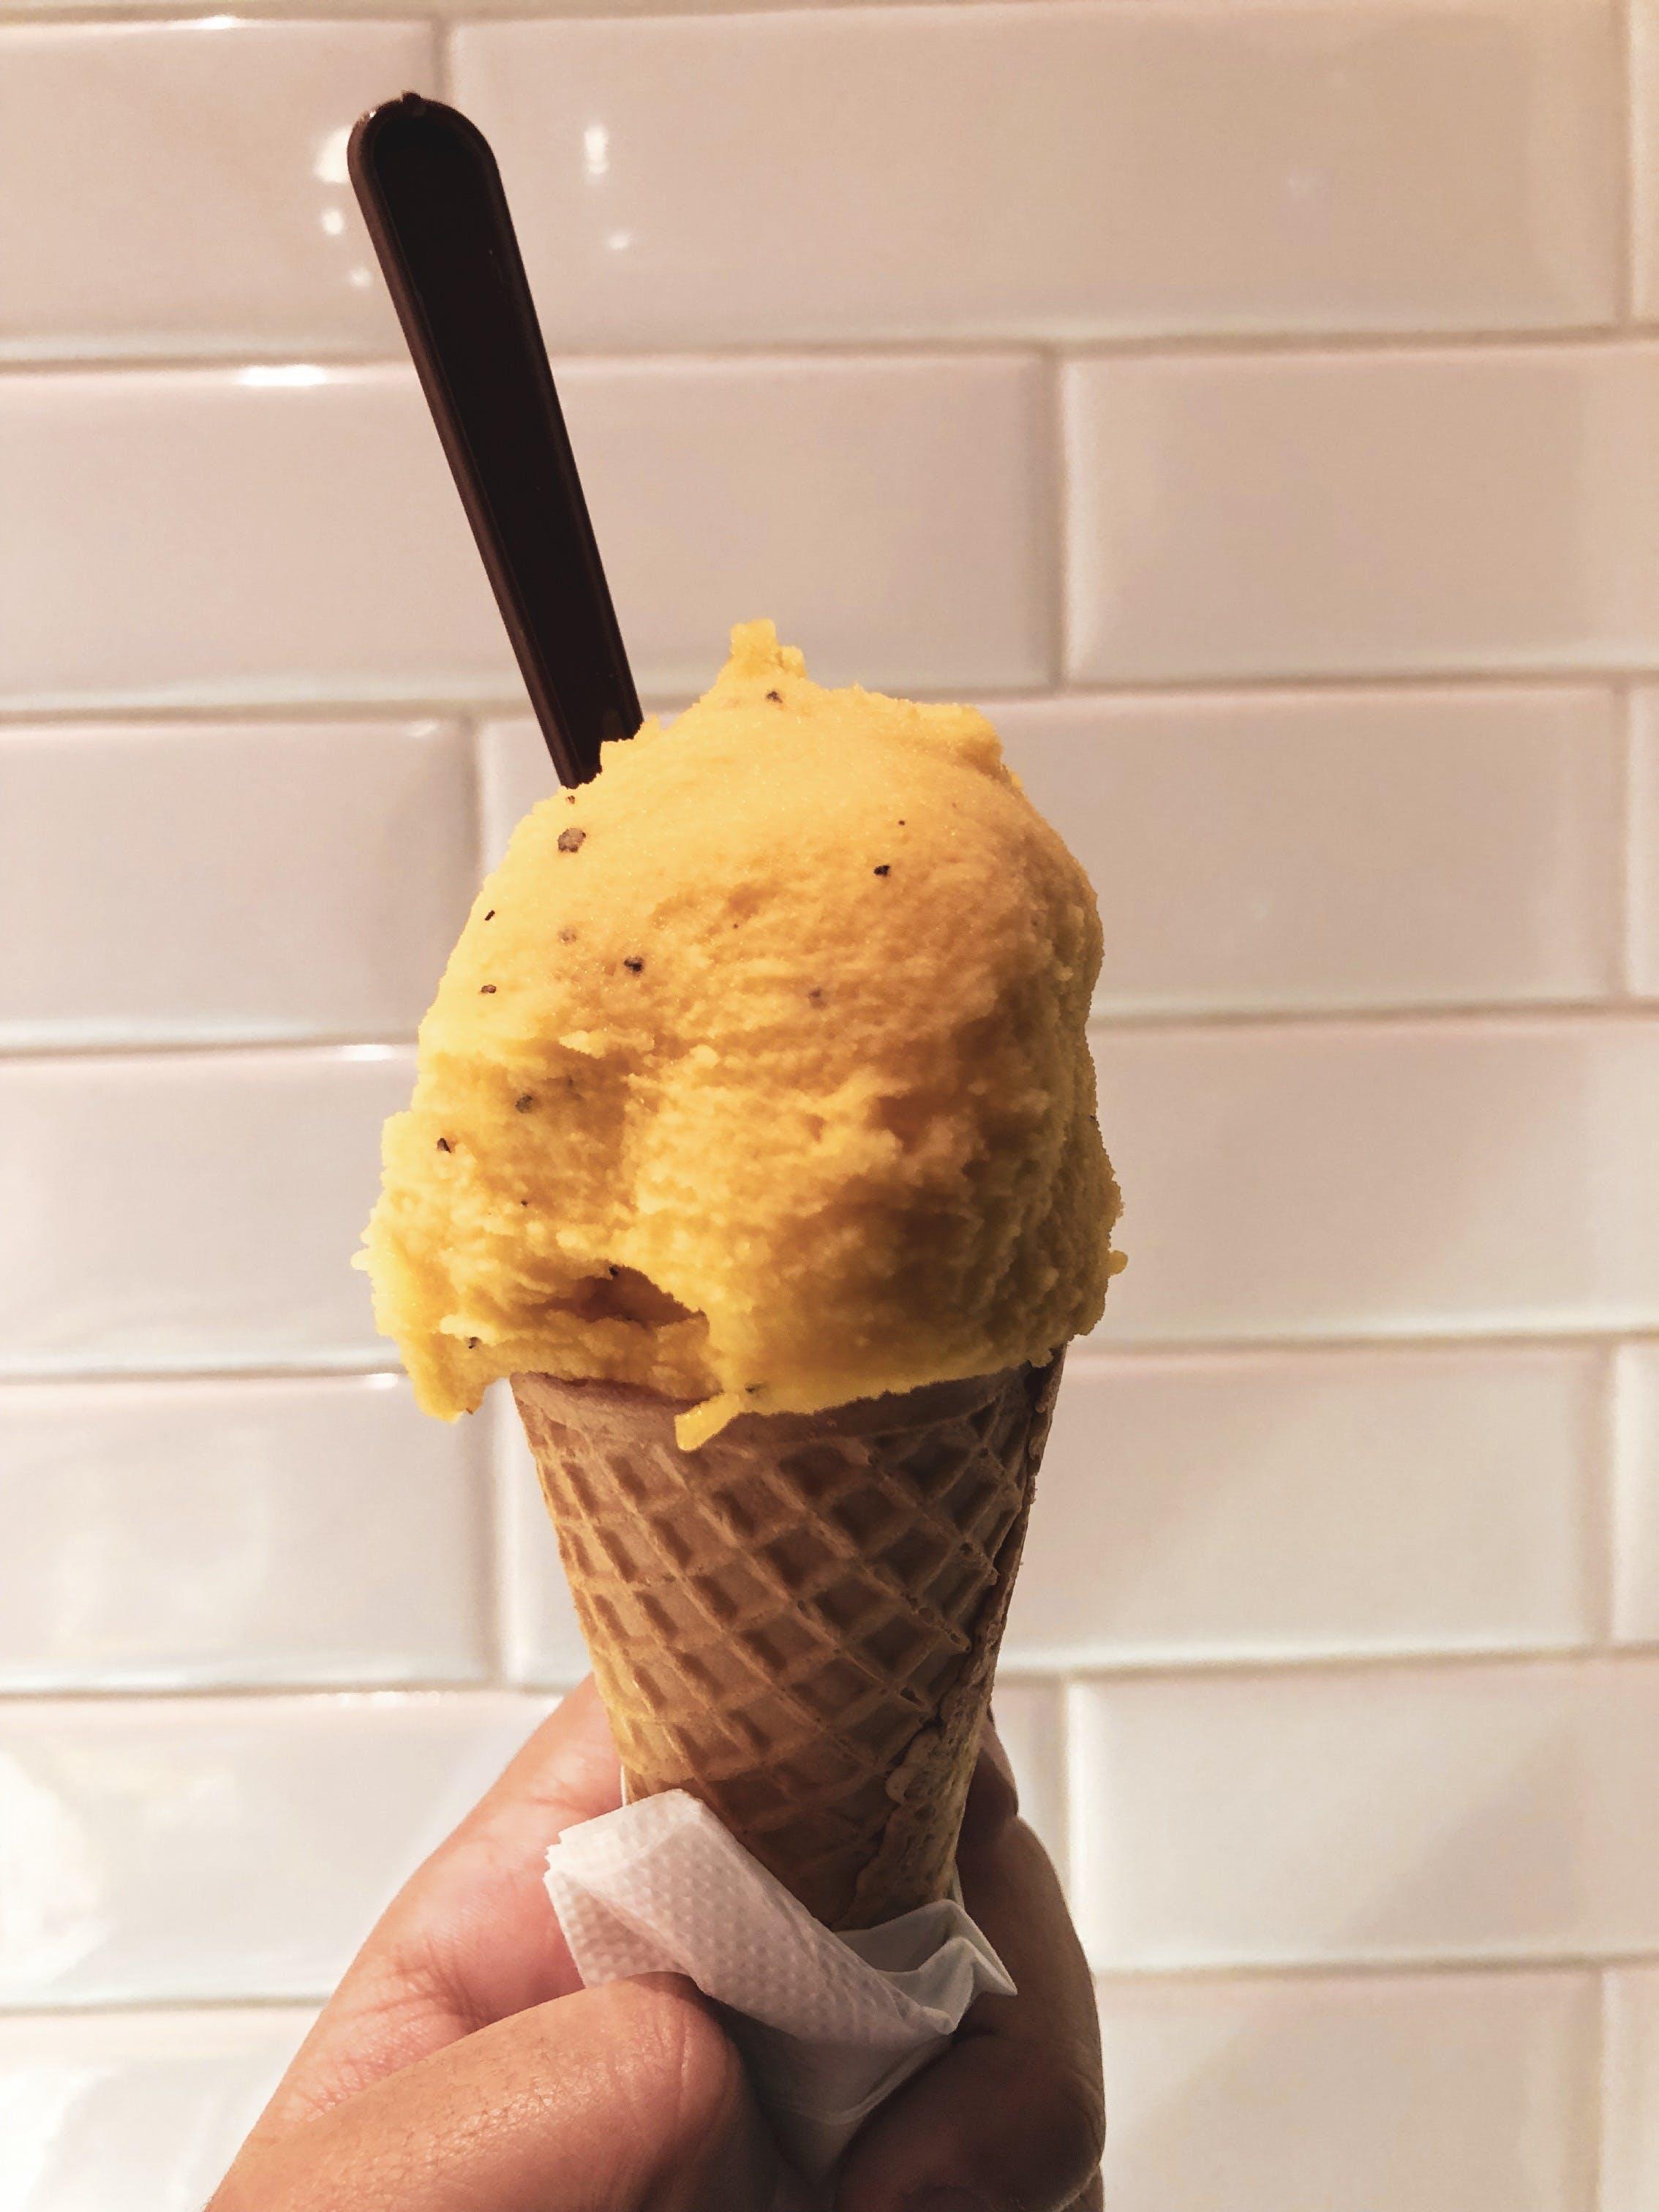 Free stock photo of icecream